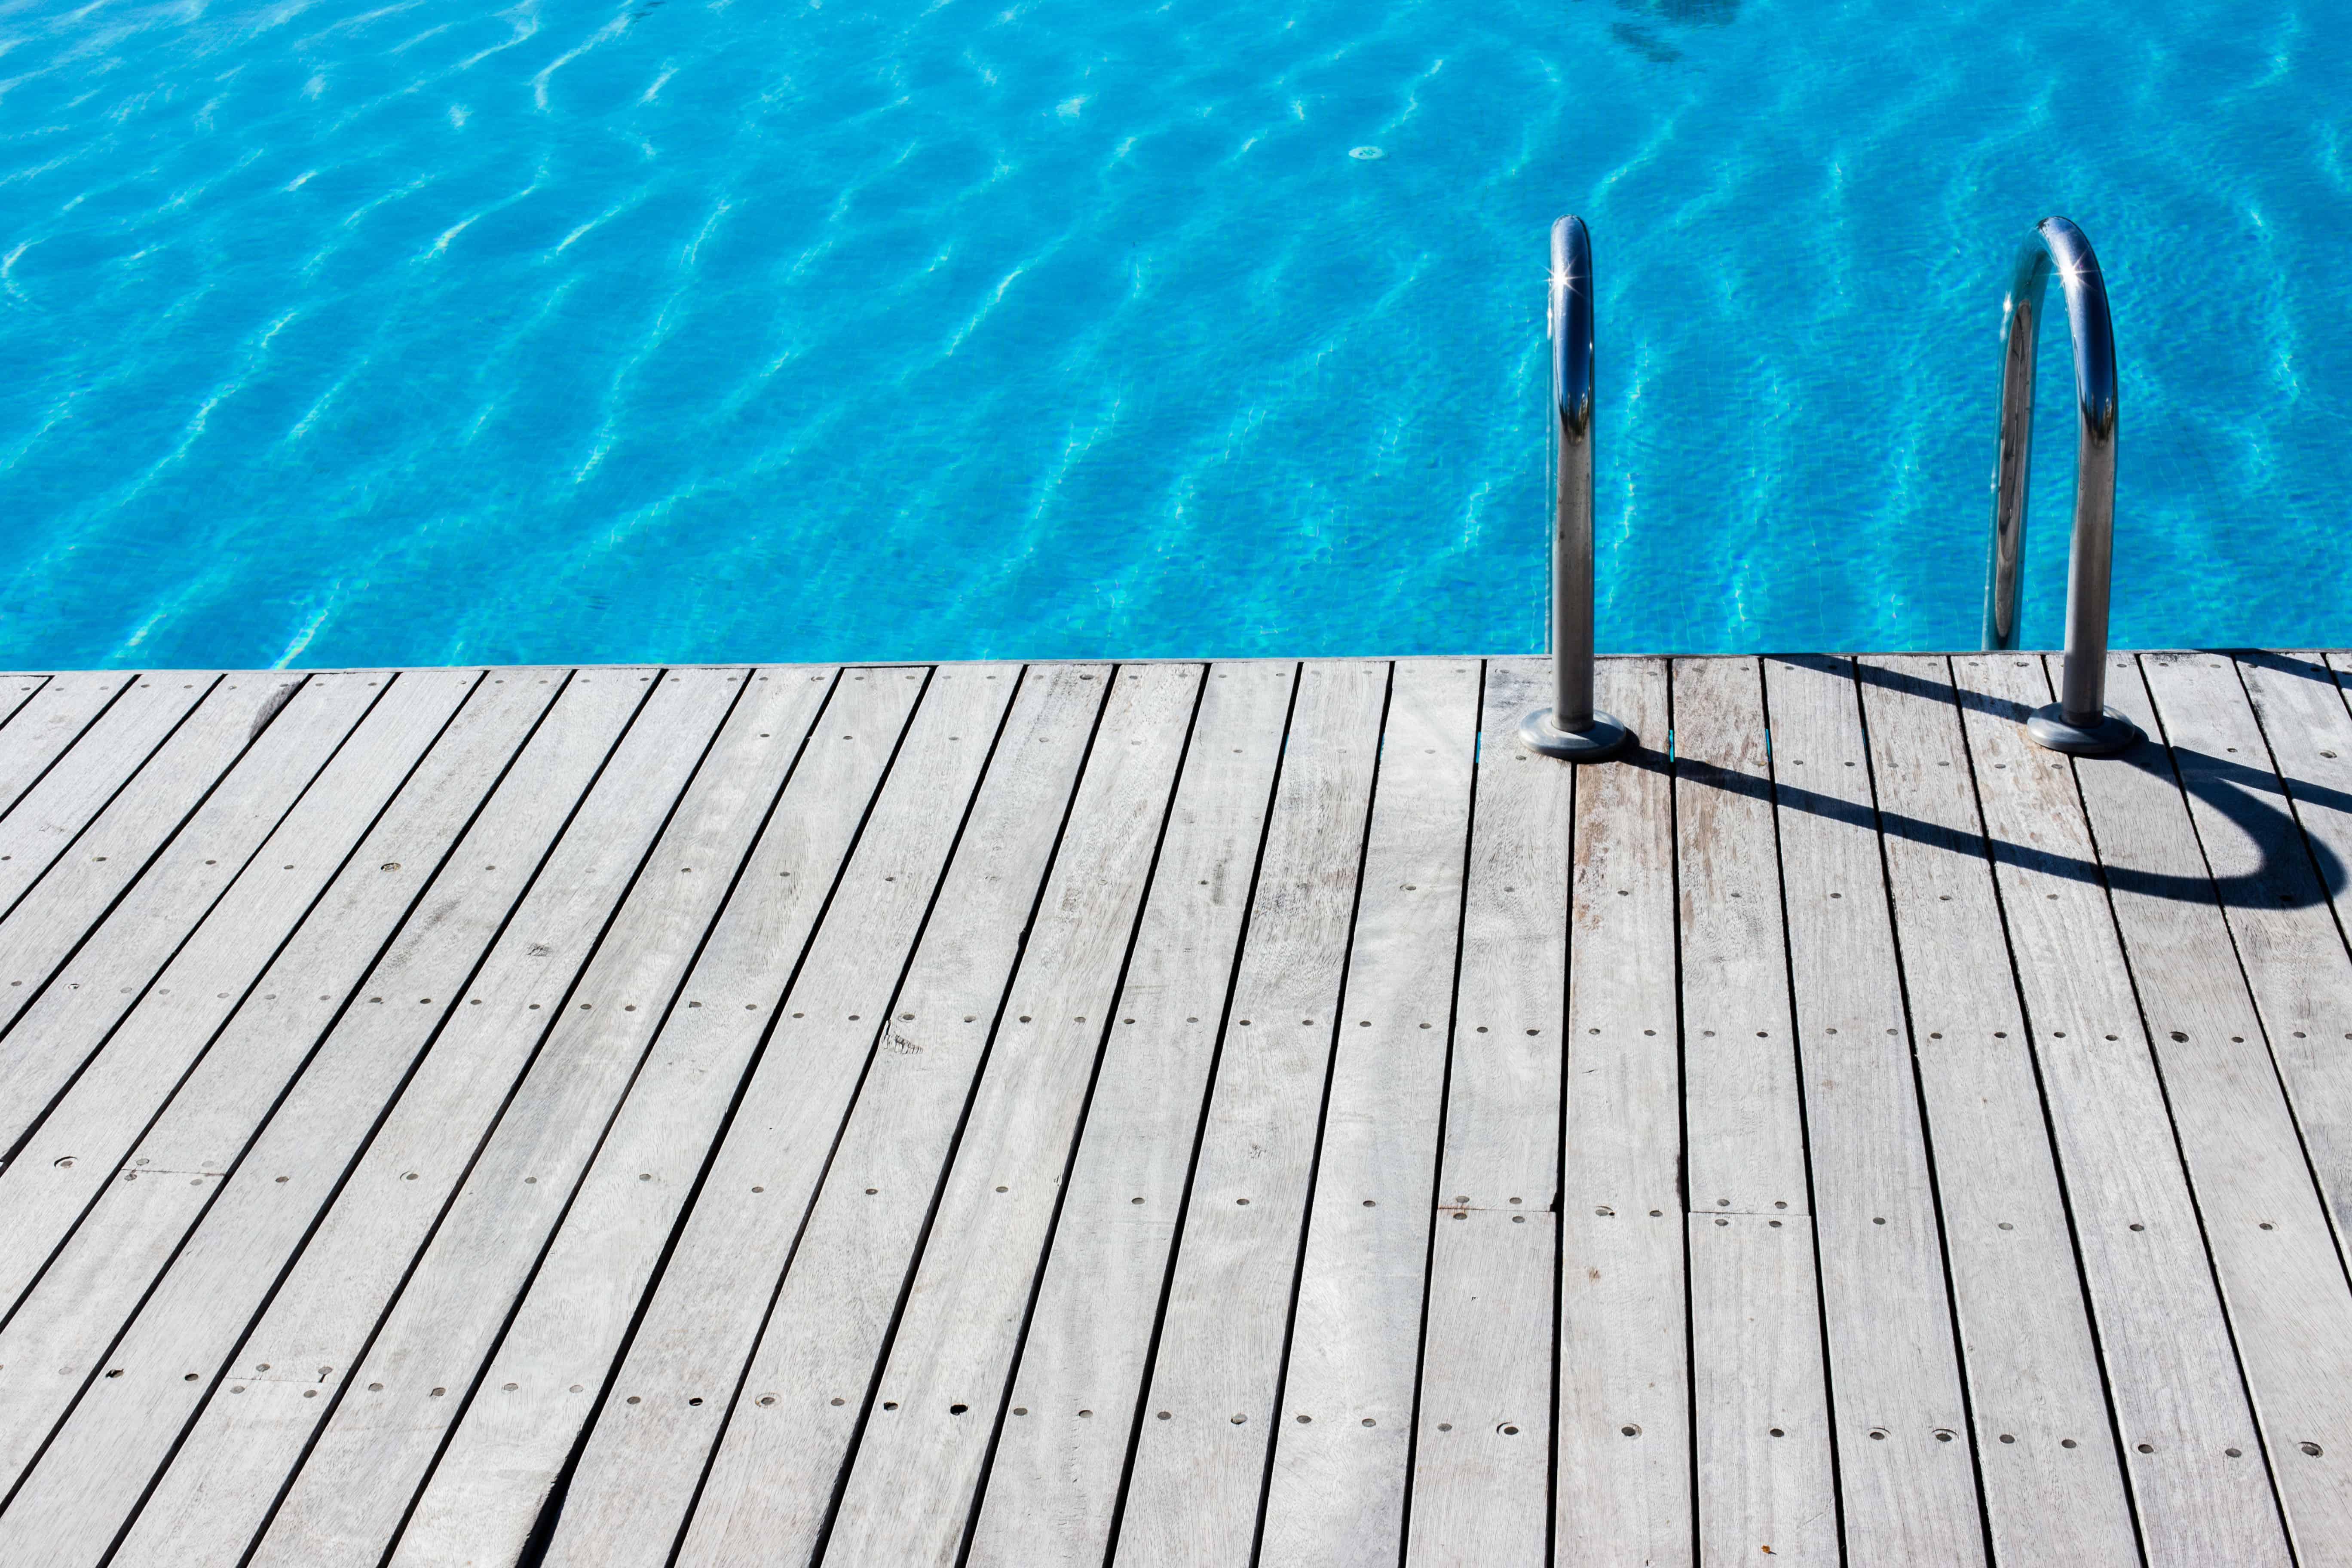 Leiter in einen blauen Pool